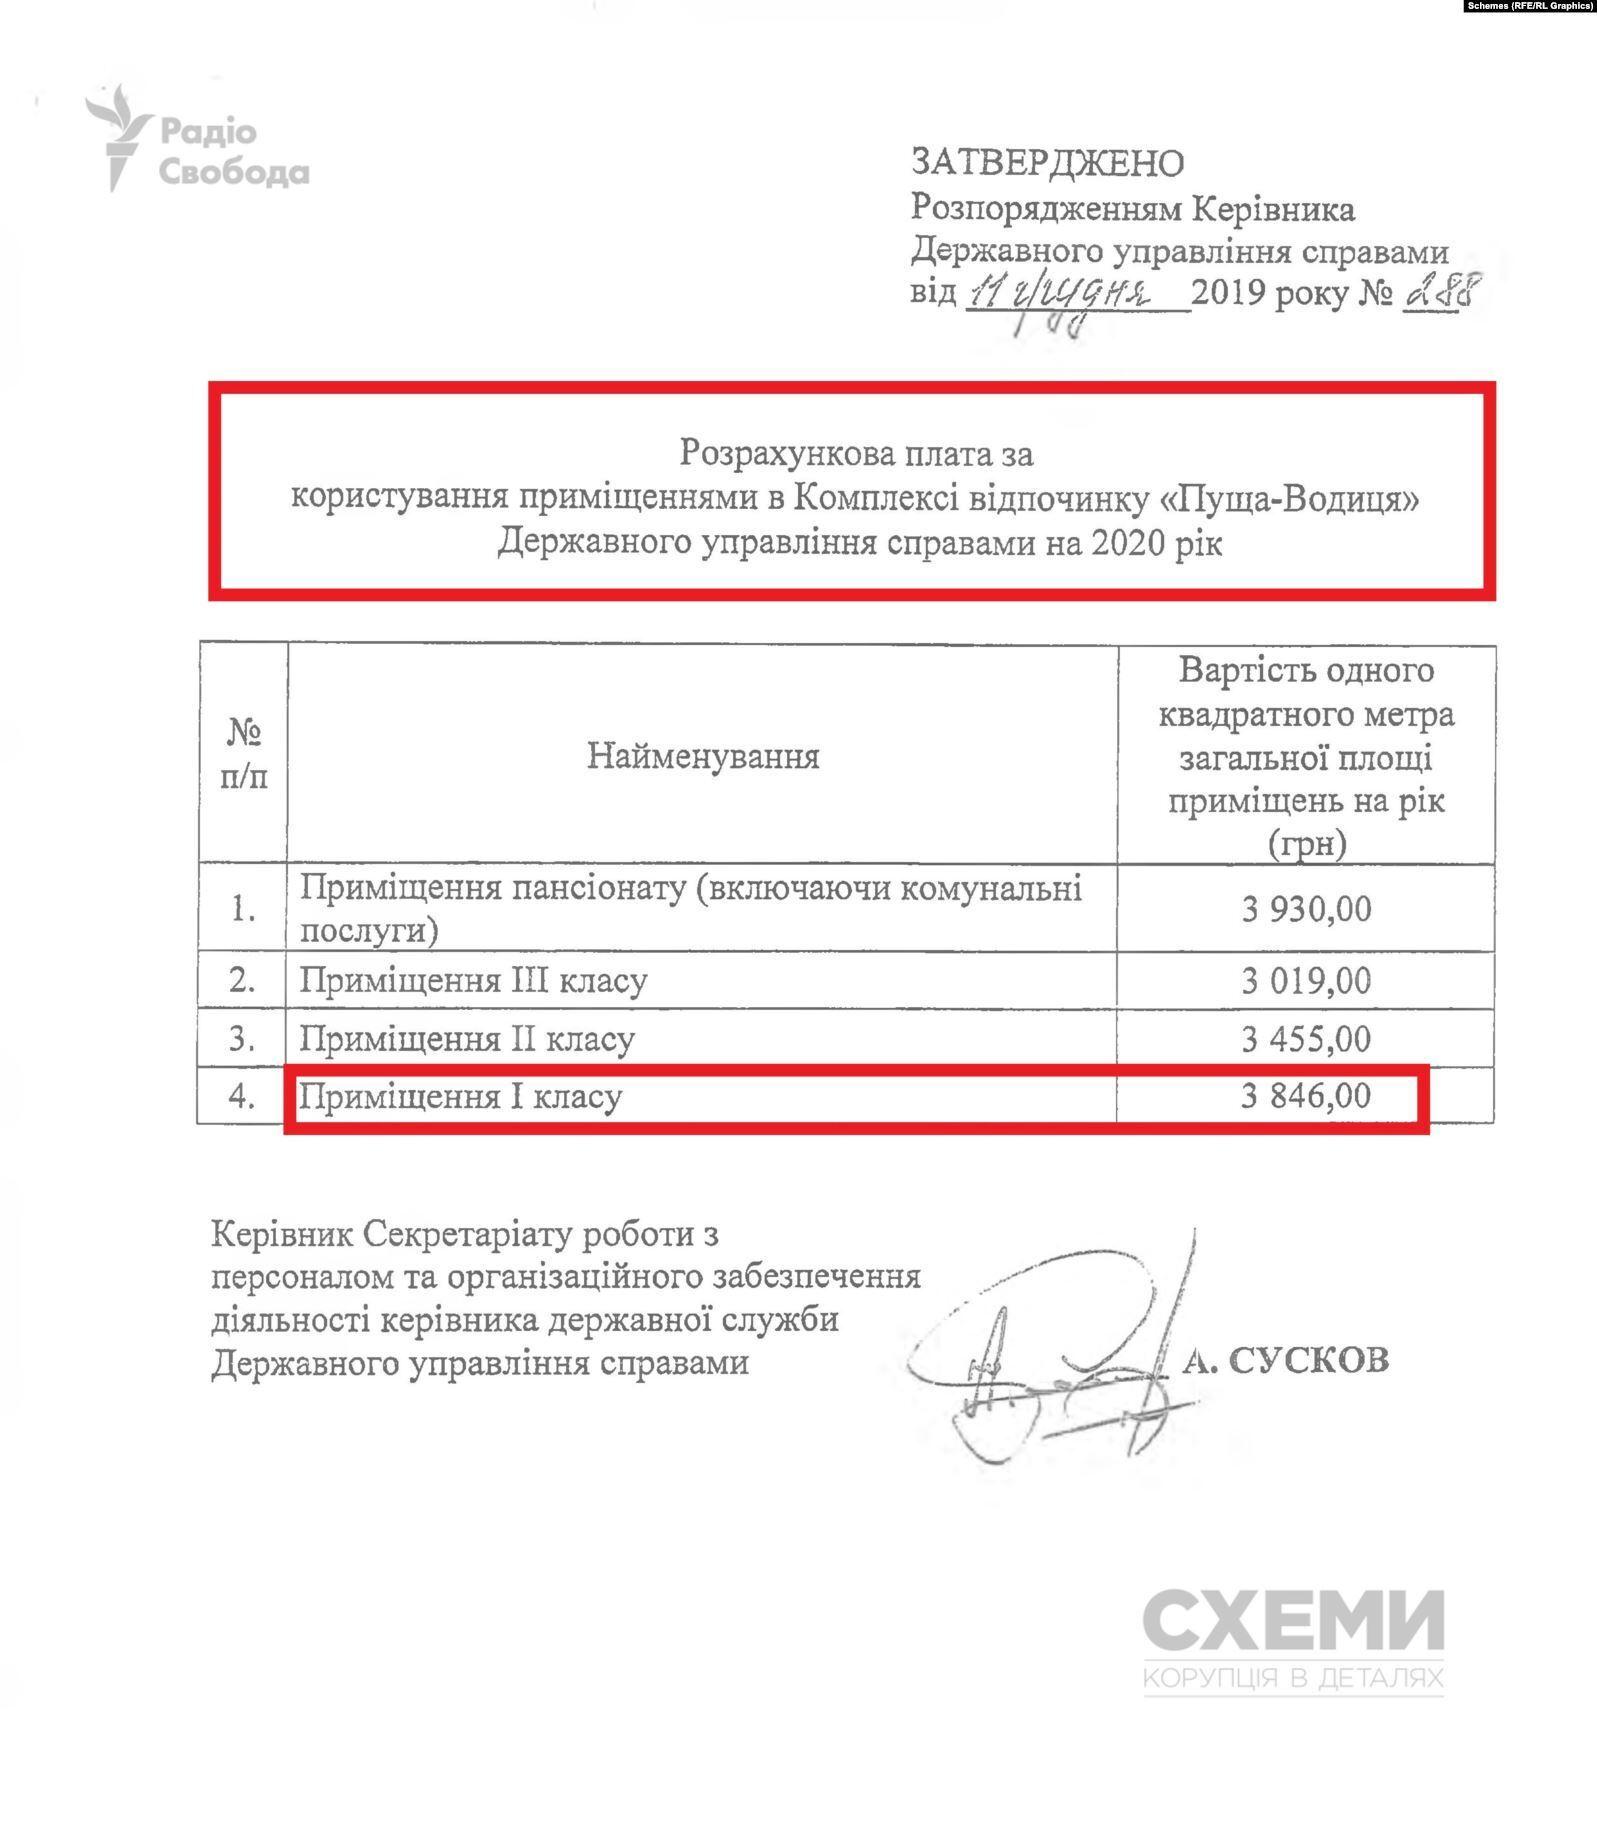 """Расчетная стоимость за пользование помещениями в """"Пуща-Водице"""" в 2020 году."""